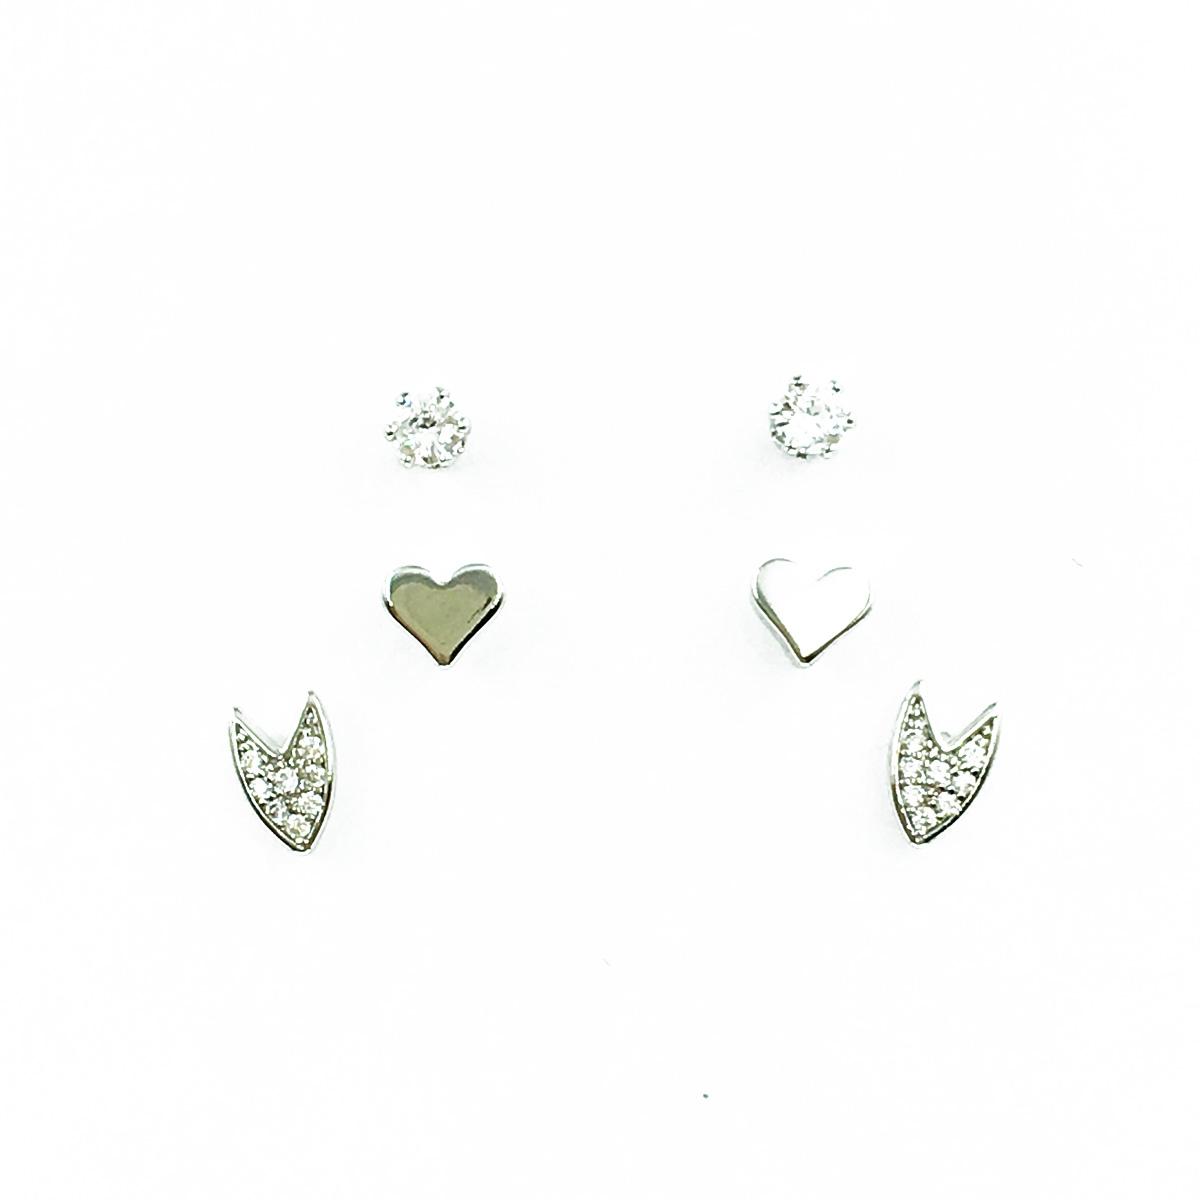 韓國 925純銀 水鑽 愛心 滿版 3對組 可愛甜美 百搭 耳針式耳環